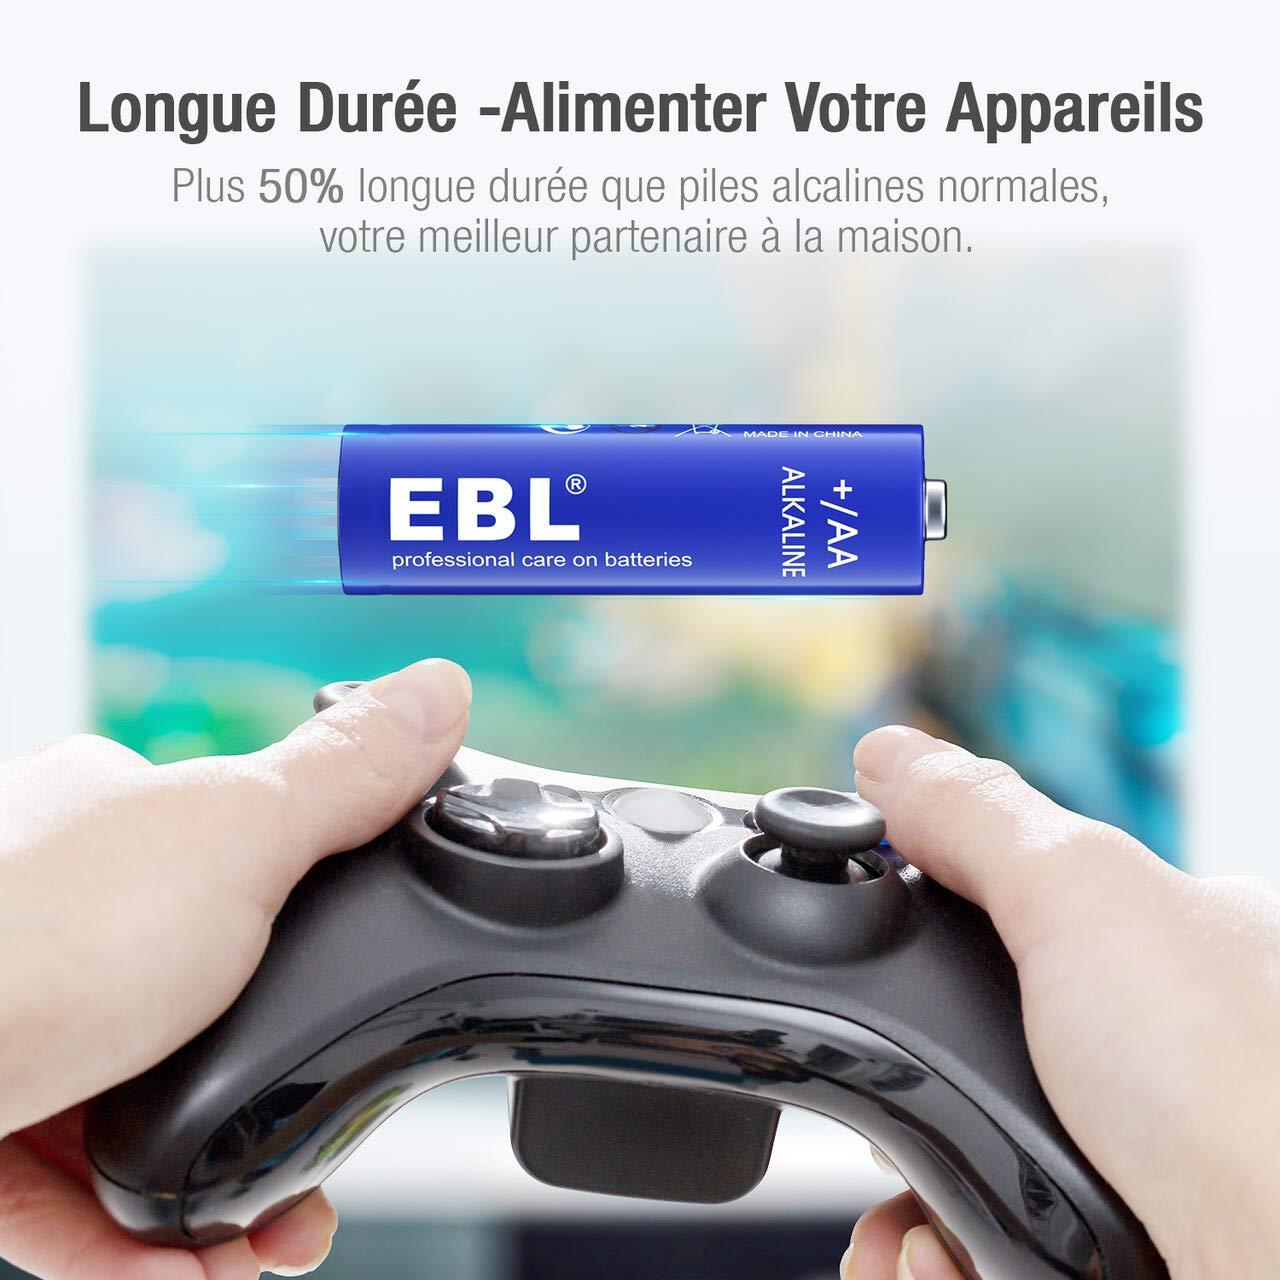 EBL Lot de 28 Piles AA Alcalines Industrielle 1,5V - Piles LR6 1,5 Volts avec Longue Durée de Conversation